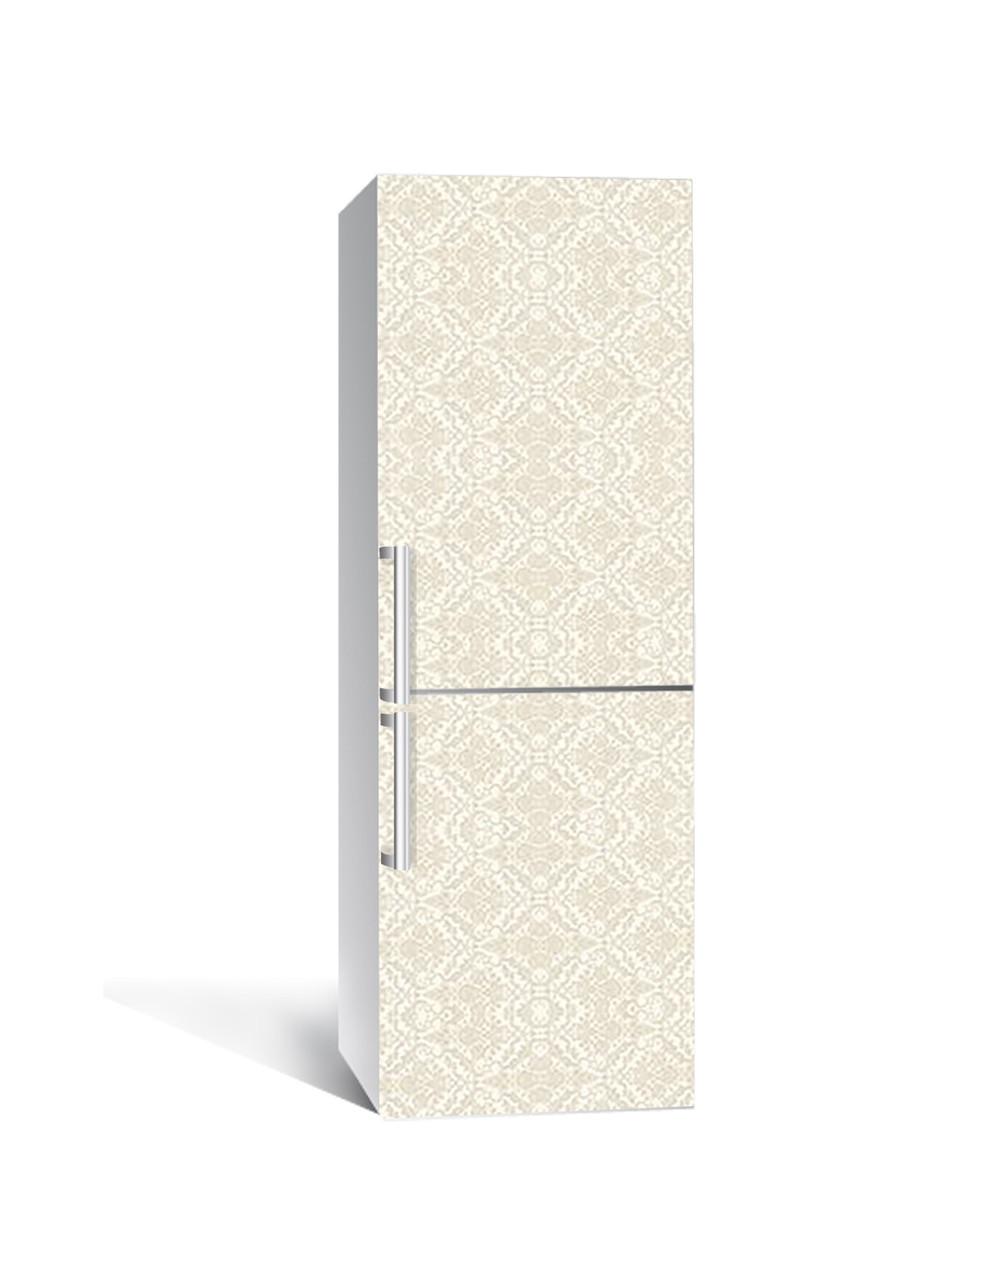 Декор 3Д наклейка на холодильник Вензель Бежевий візерунок (плівка ПВХ фотодрук) 65*200см Абстракція Бежевий